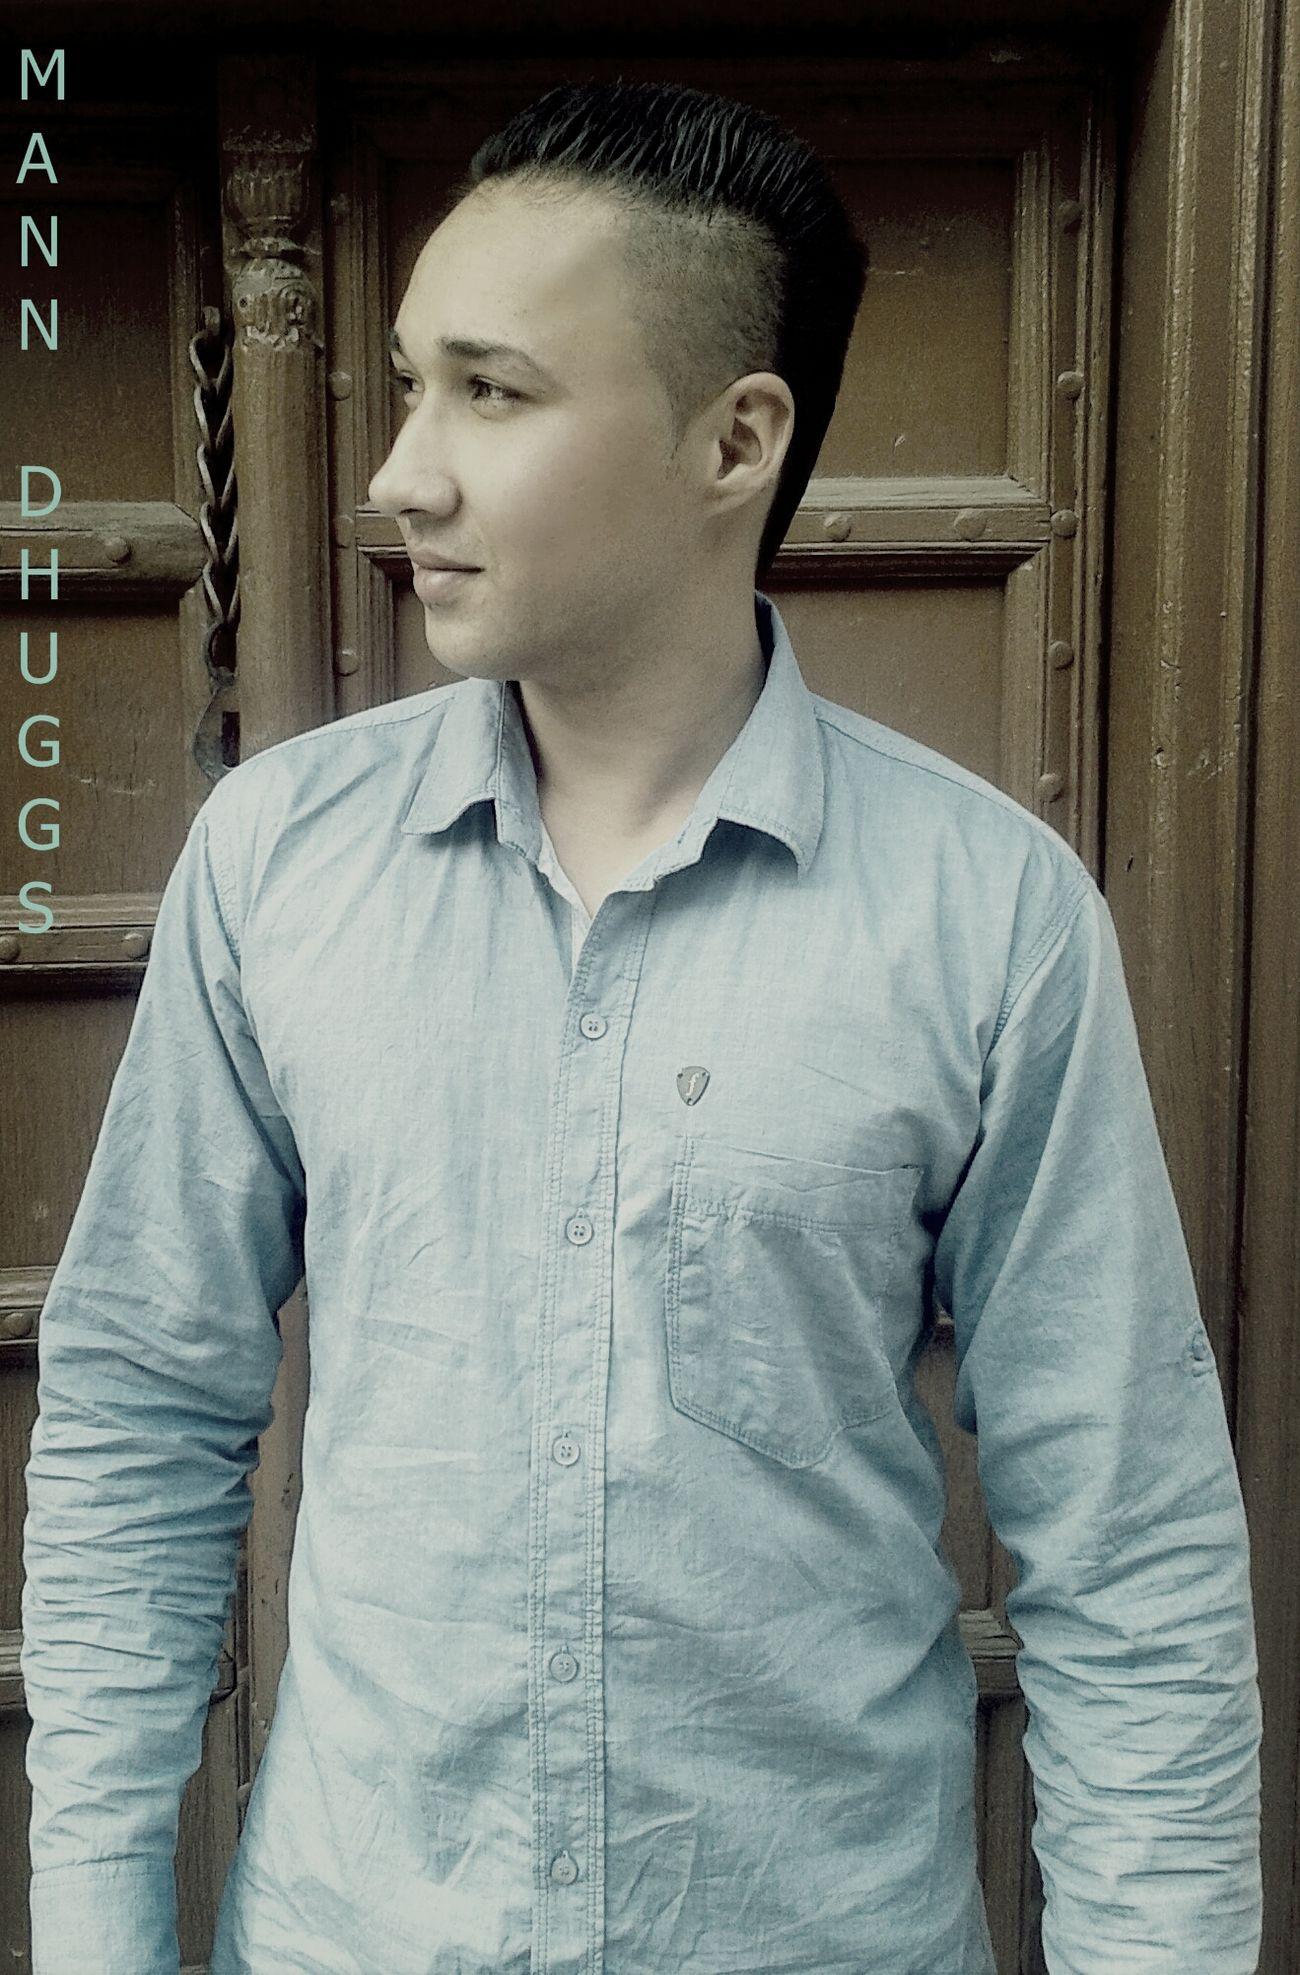 Mani Dhugga